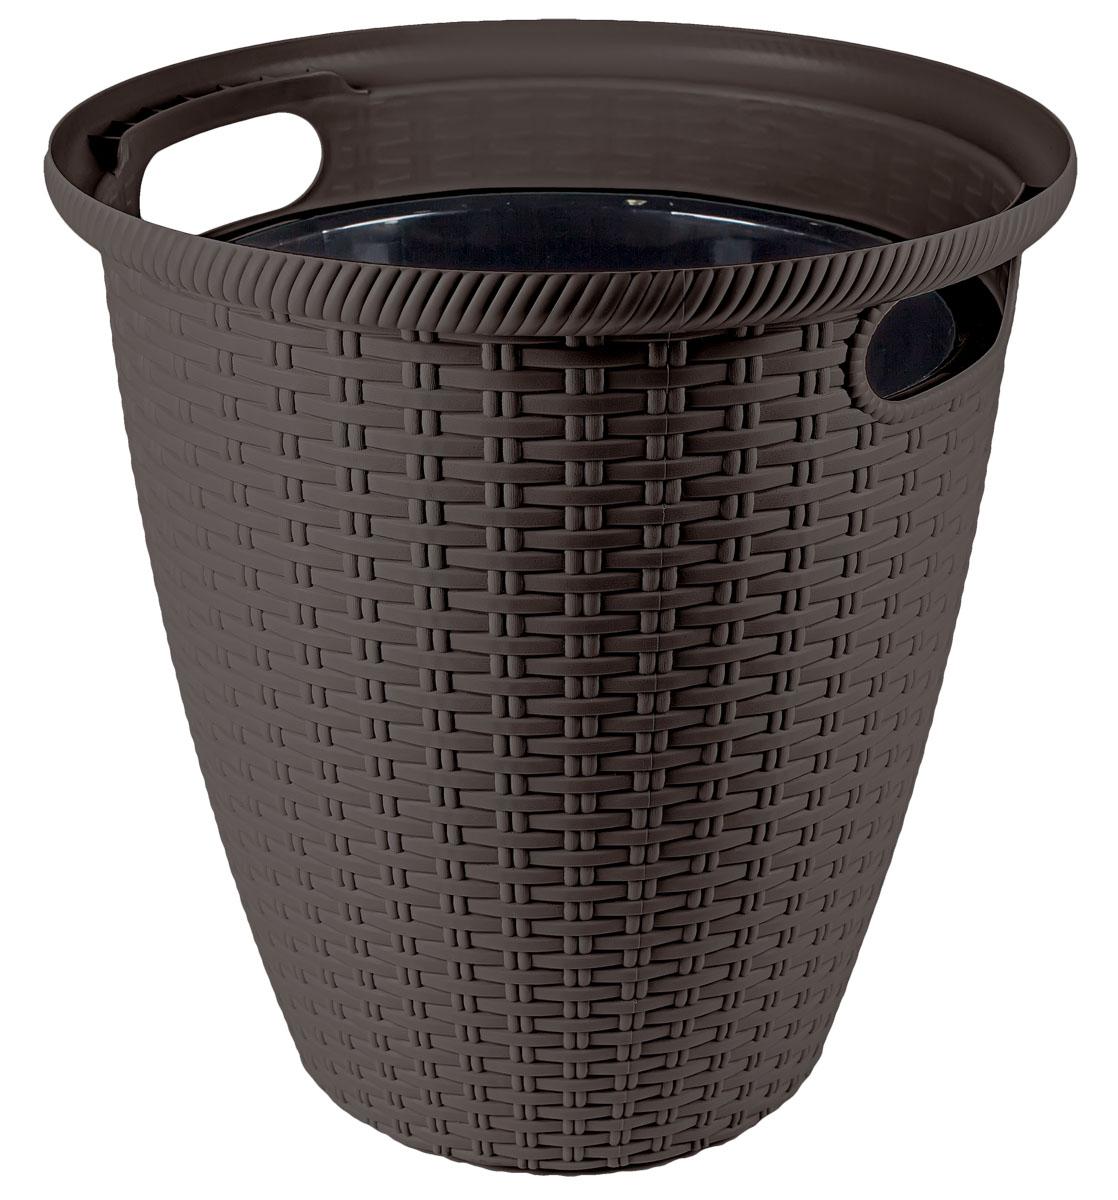 Кашпо InGreen Ротанг, напольное, цвет: венге, диаметр 38 смING50030ВНГКашпо InGreen Ротанг изготовлено из высококачественного пластика с плетеной текстурой. Такое кашпо прекрасно подойдет для выращивания растений и цветов в домашних условиях. Лаконичный дизайн впишется в интерьер любого помещения. Размер кашпо: 38 х 38 х 37,8 см.